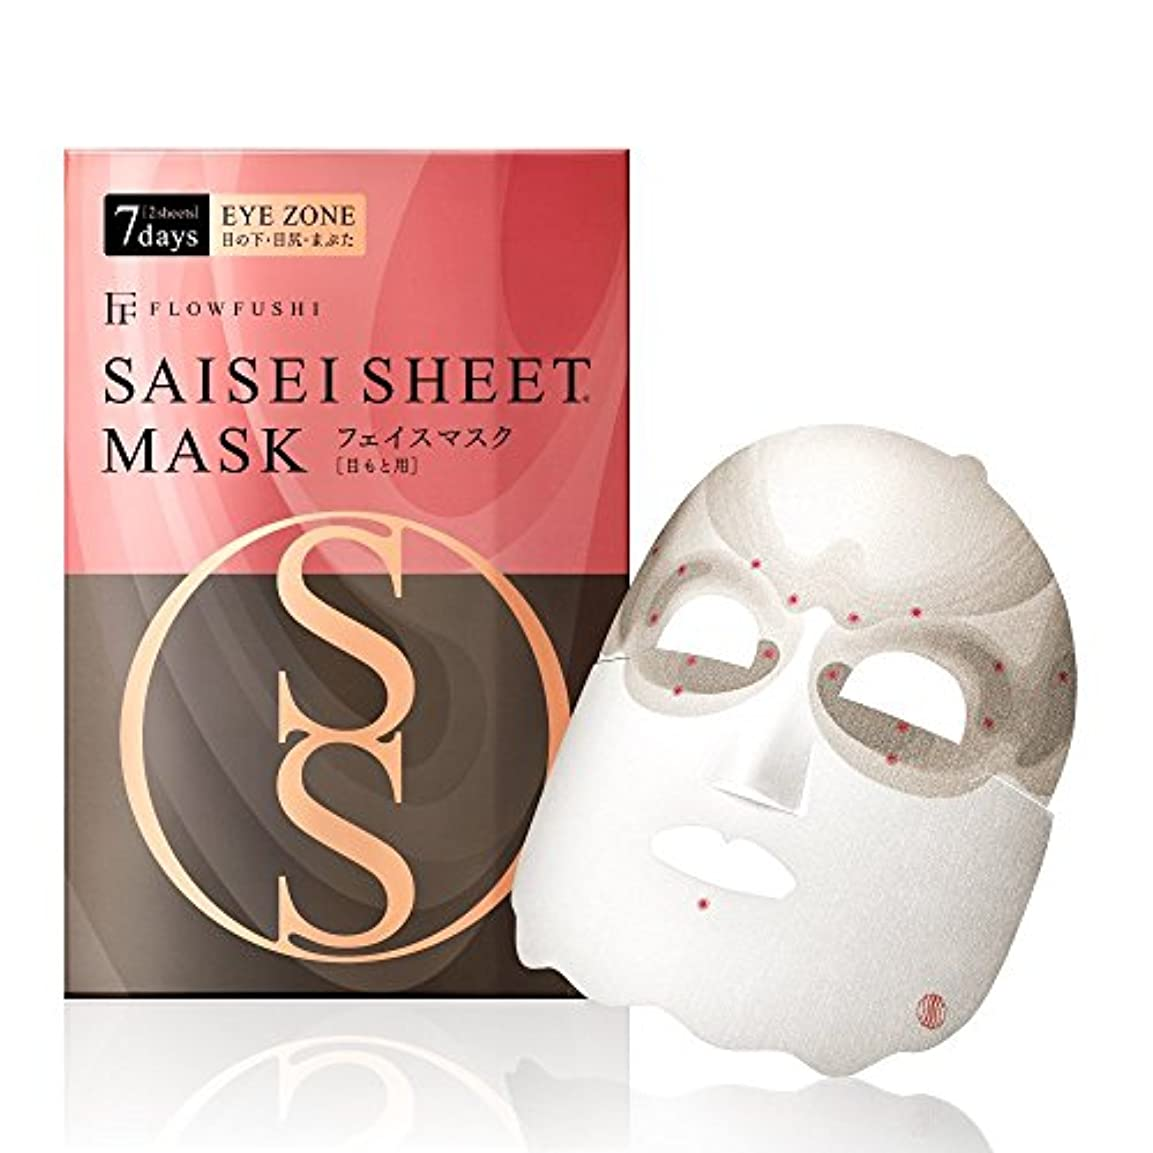 ヘリコプターコールド乳SAISEIシート マスク [目もと用] 7days 2sheets